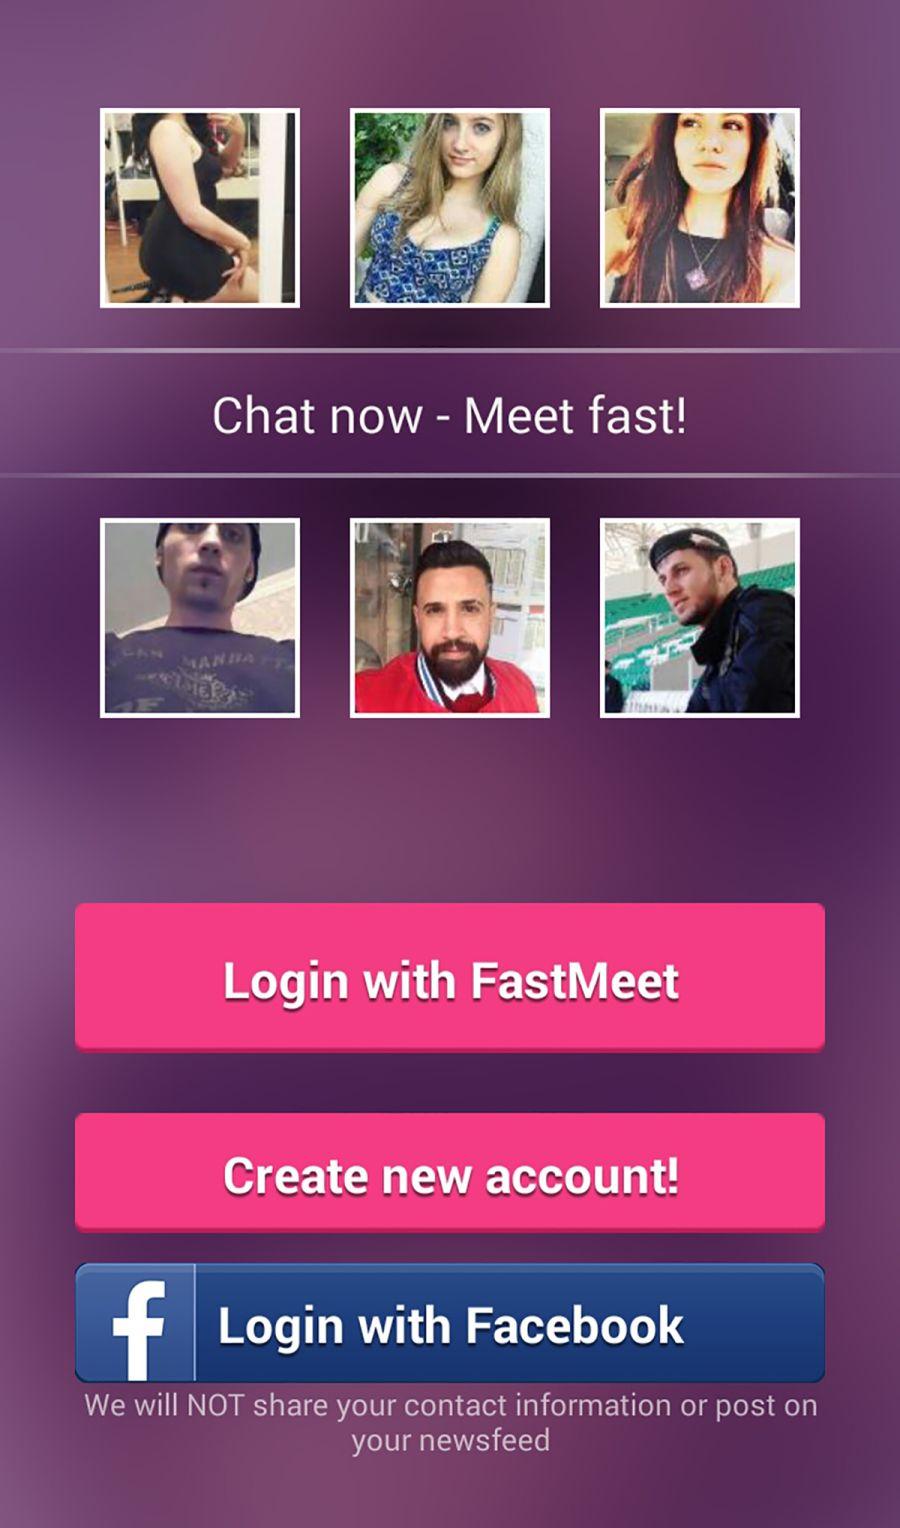 FastMeet App